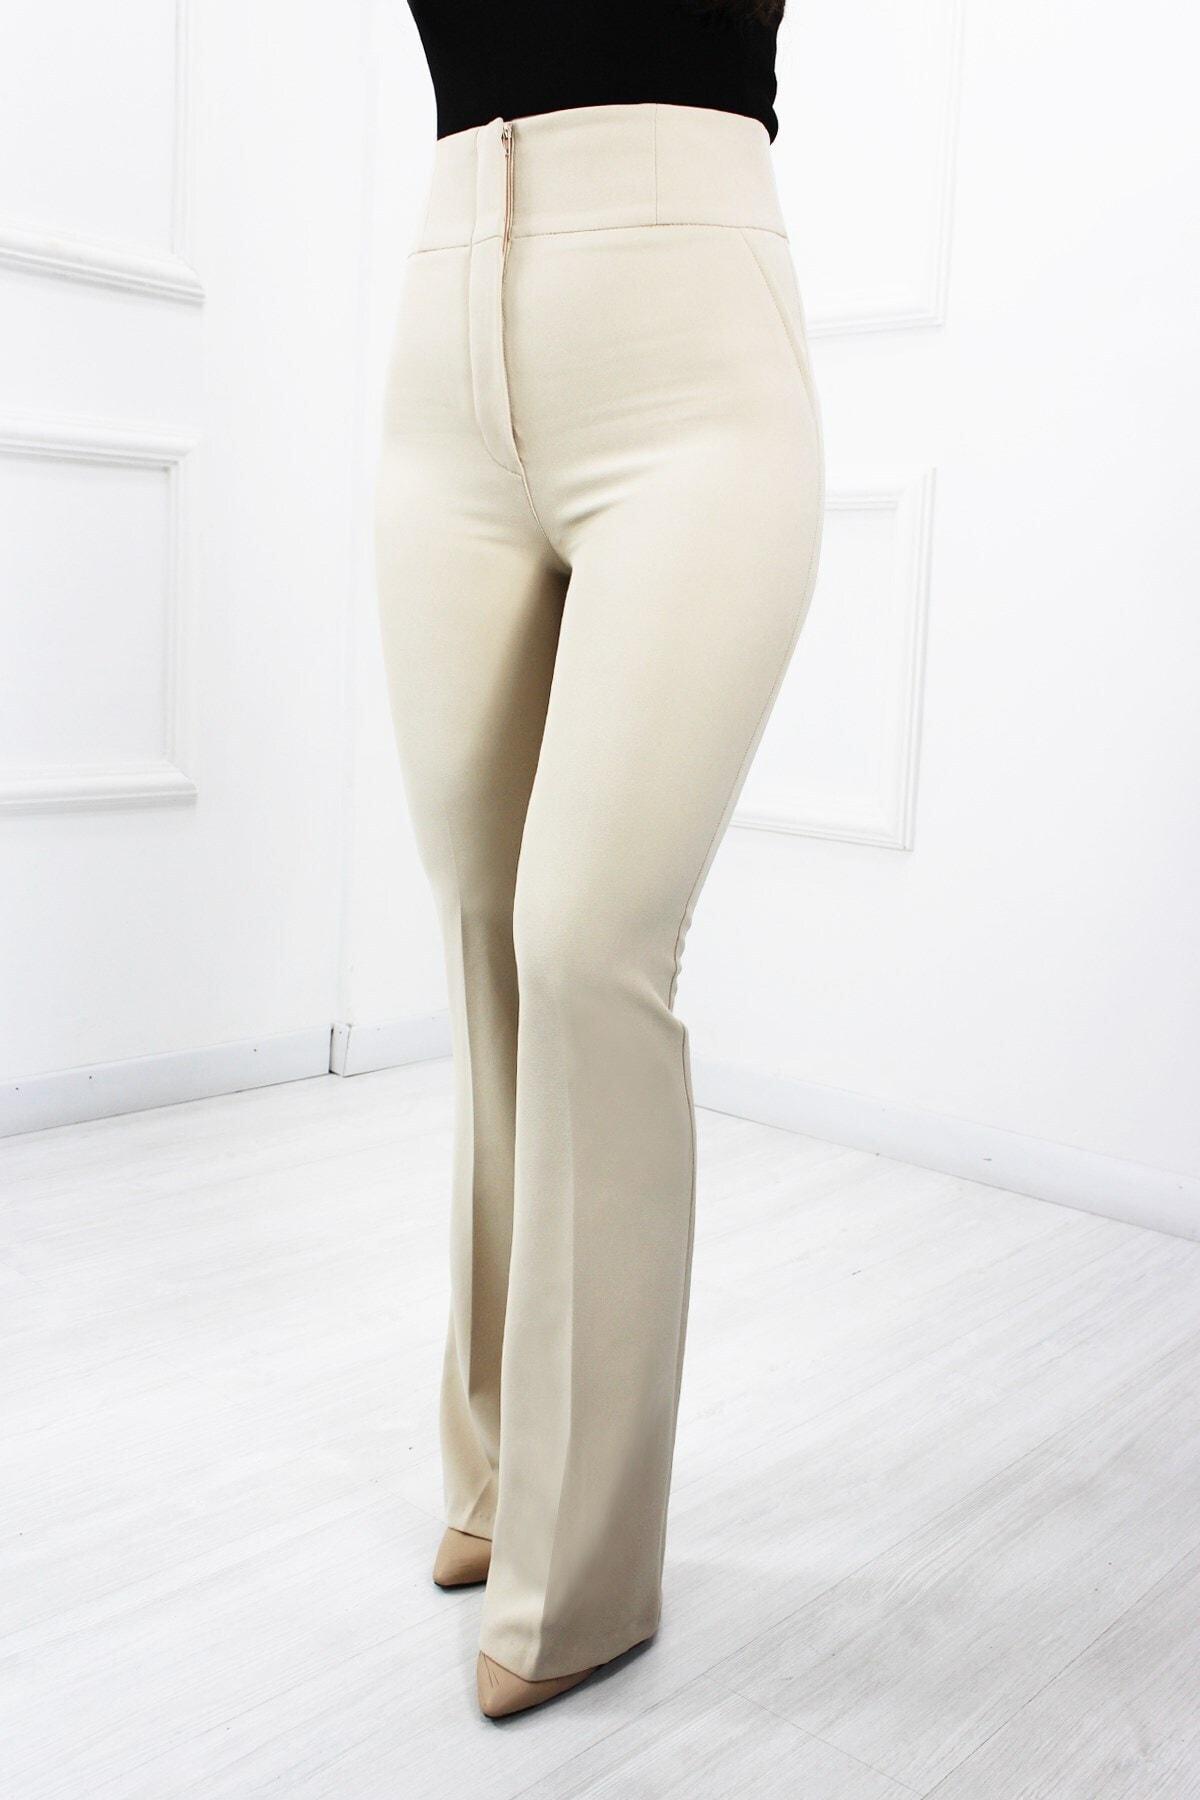 UGİMPOL Kadın Bej Yüksek Bel İspanyol Pantolon 2